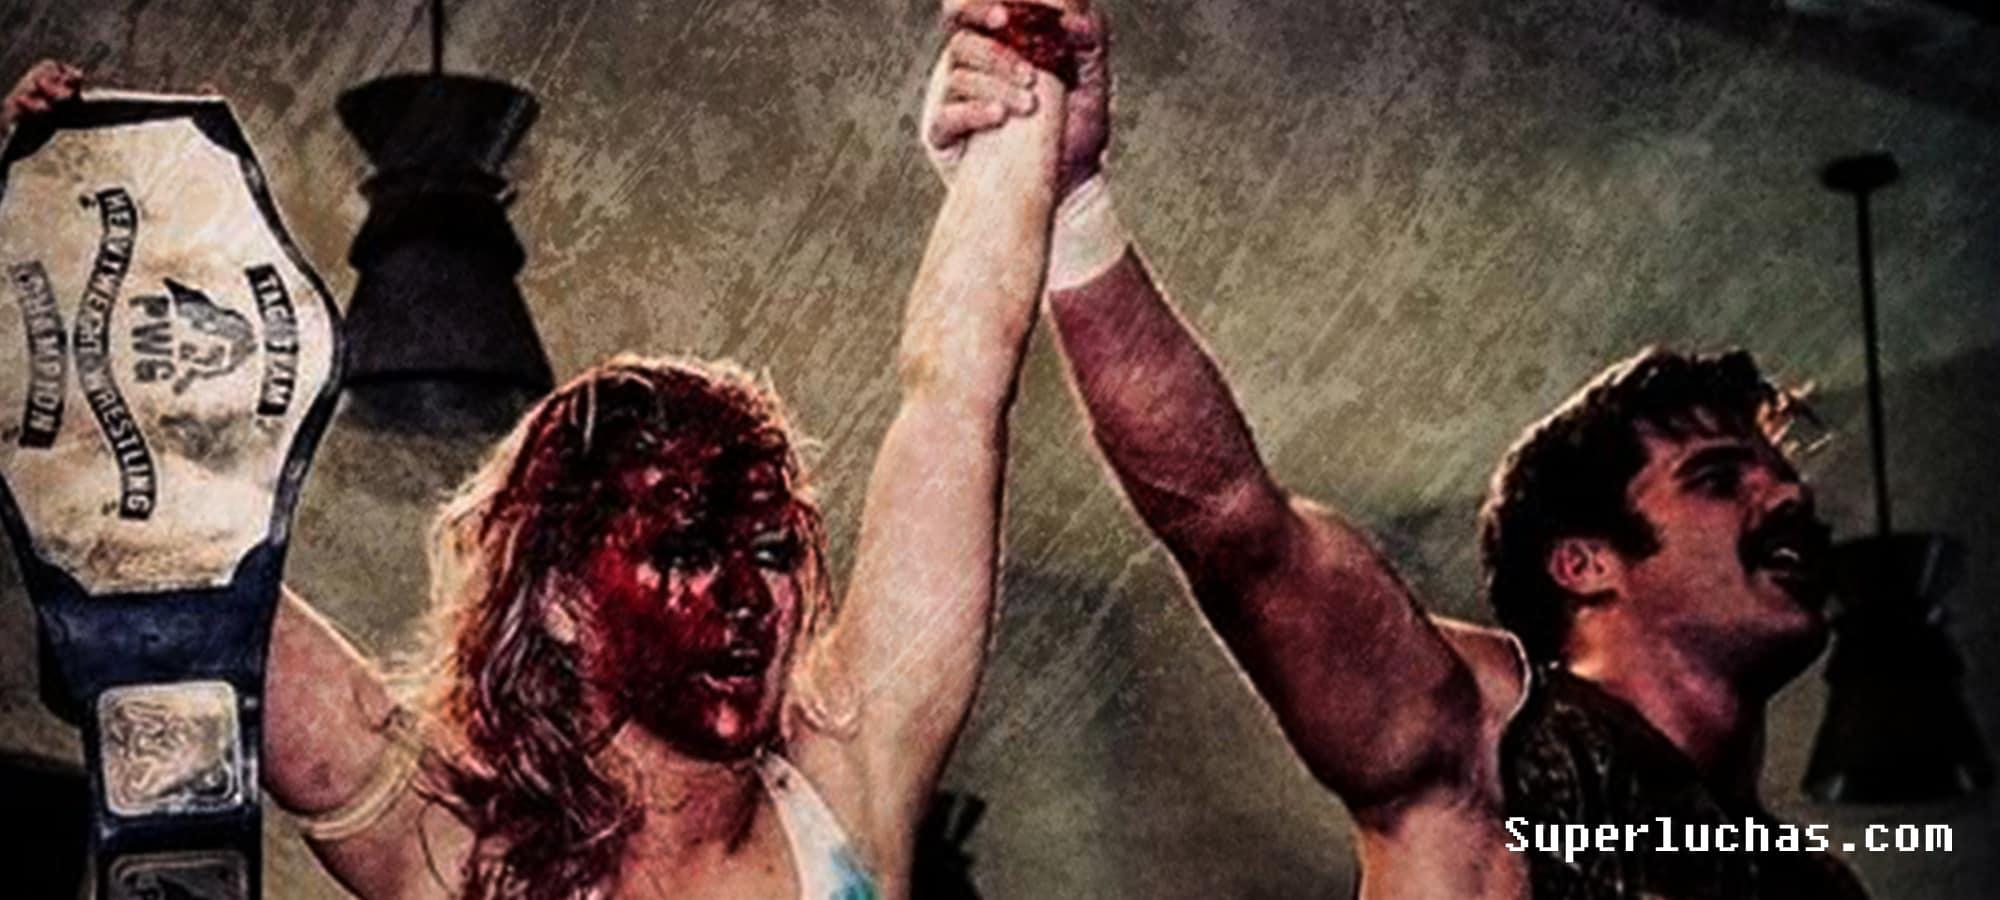 Se vuelve a encender la revolución femenil: Candice LeRae debuta en NXT 1